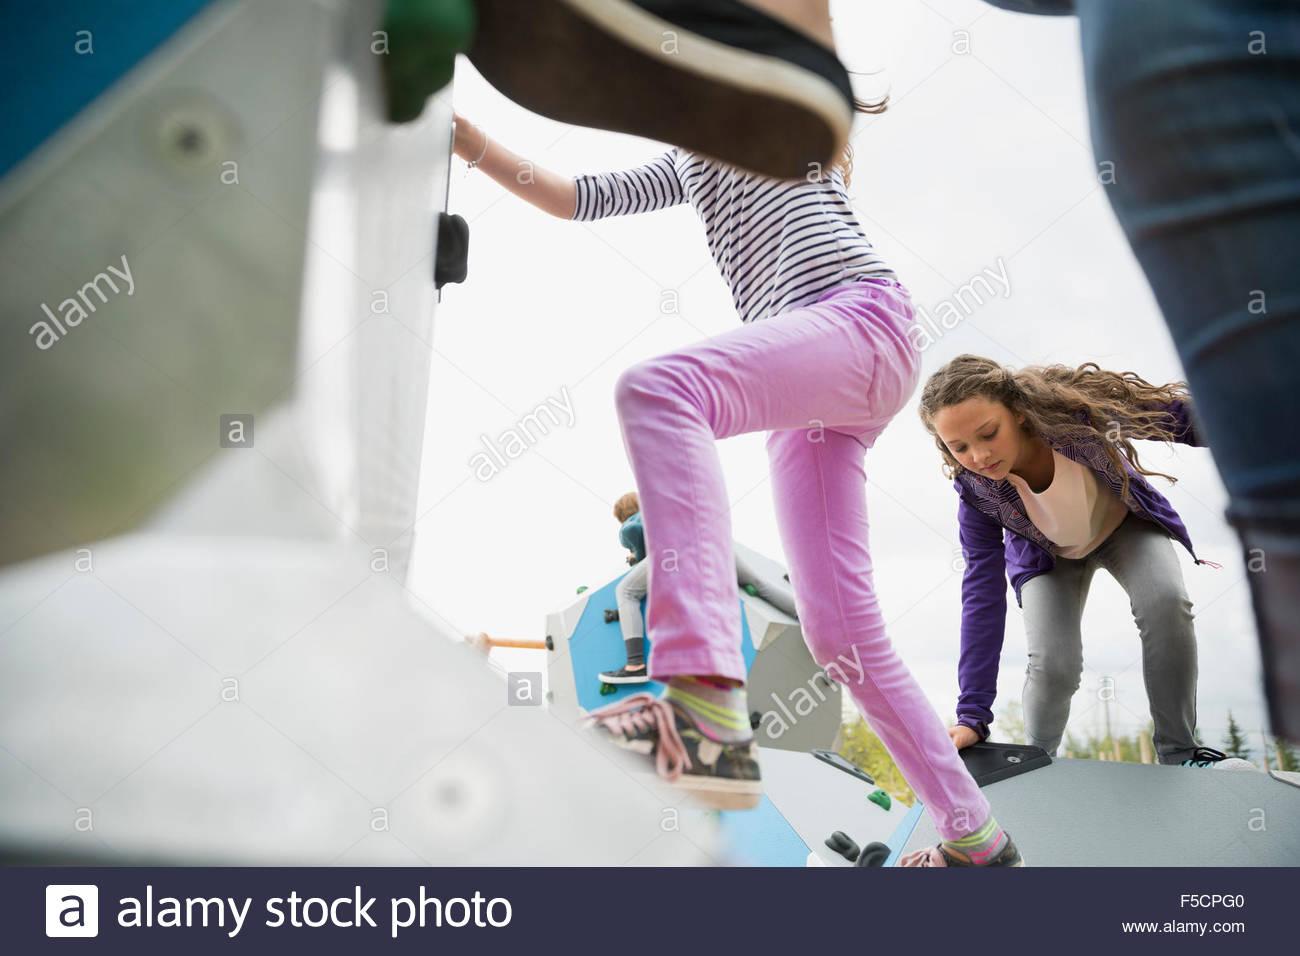 Arrampicata per bambini forme geometriche presso il parco giochi Immagini Stock